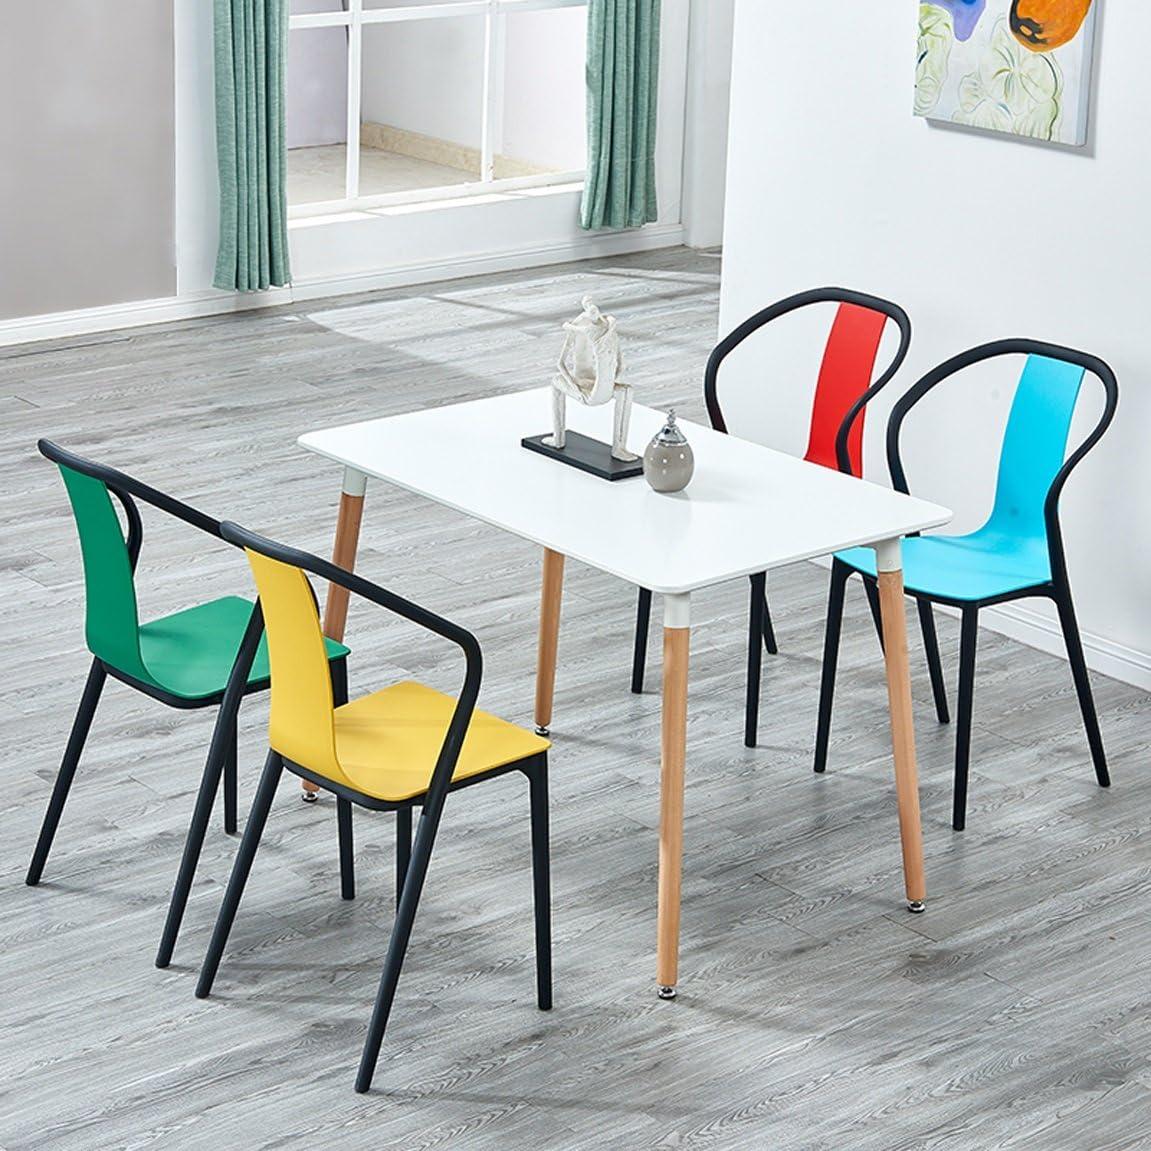 HWL Les chaises américaines modernes de dossier dinant la chaise, chaise créatrice en plastique de mode de ménage (Color : Red) Green